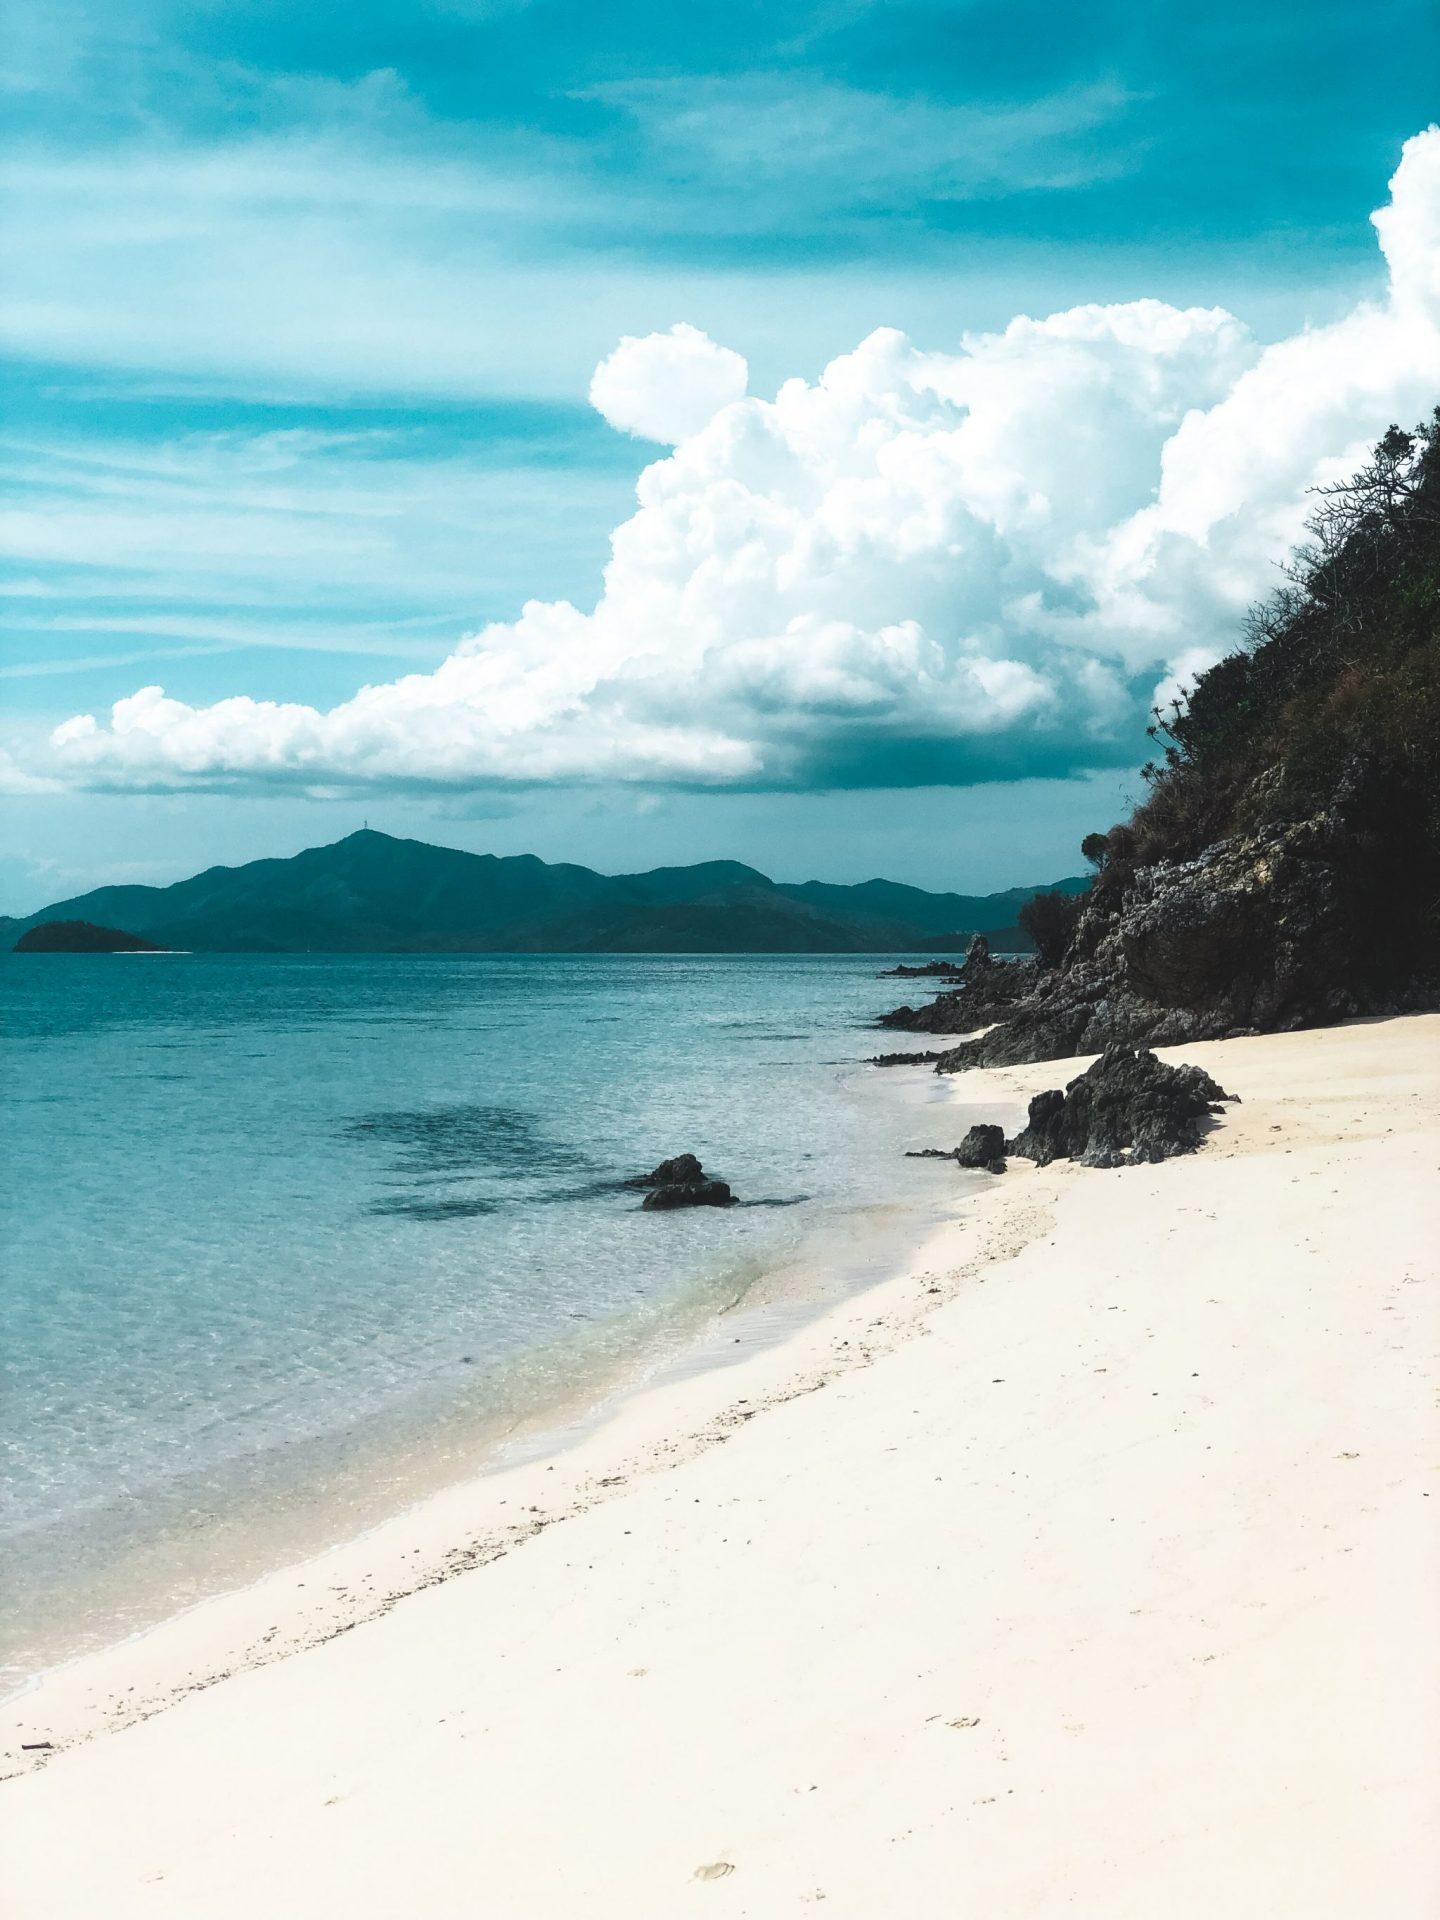 Macupuya_Island_Coron_LemonaidLies